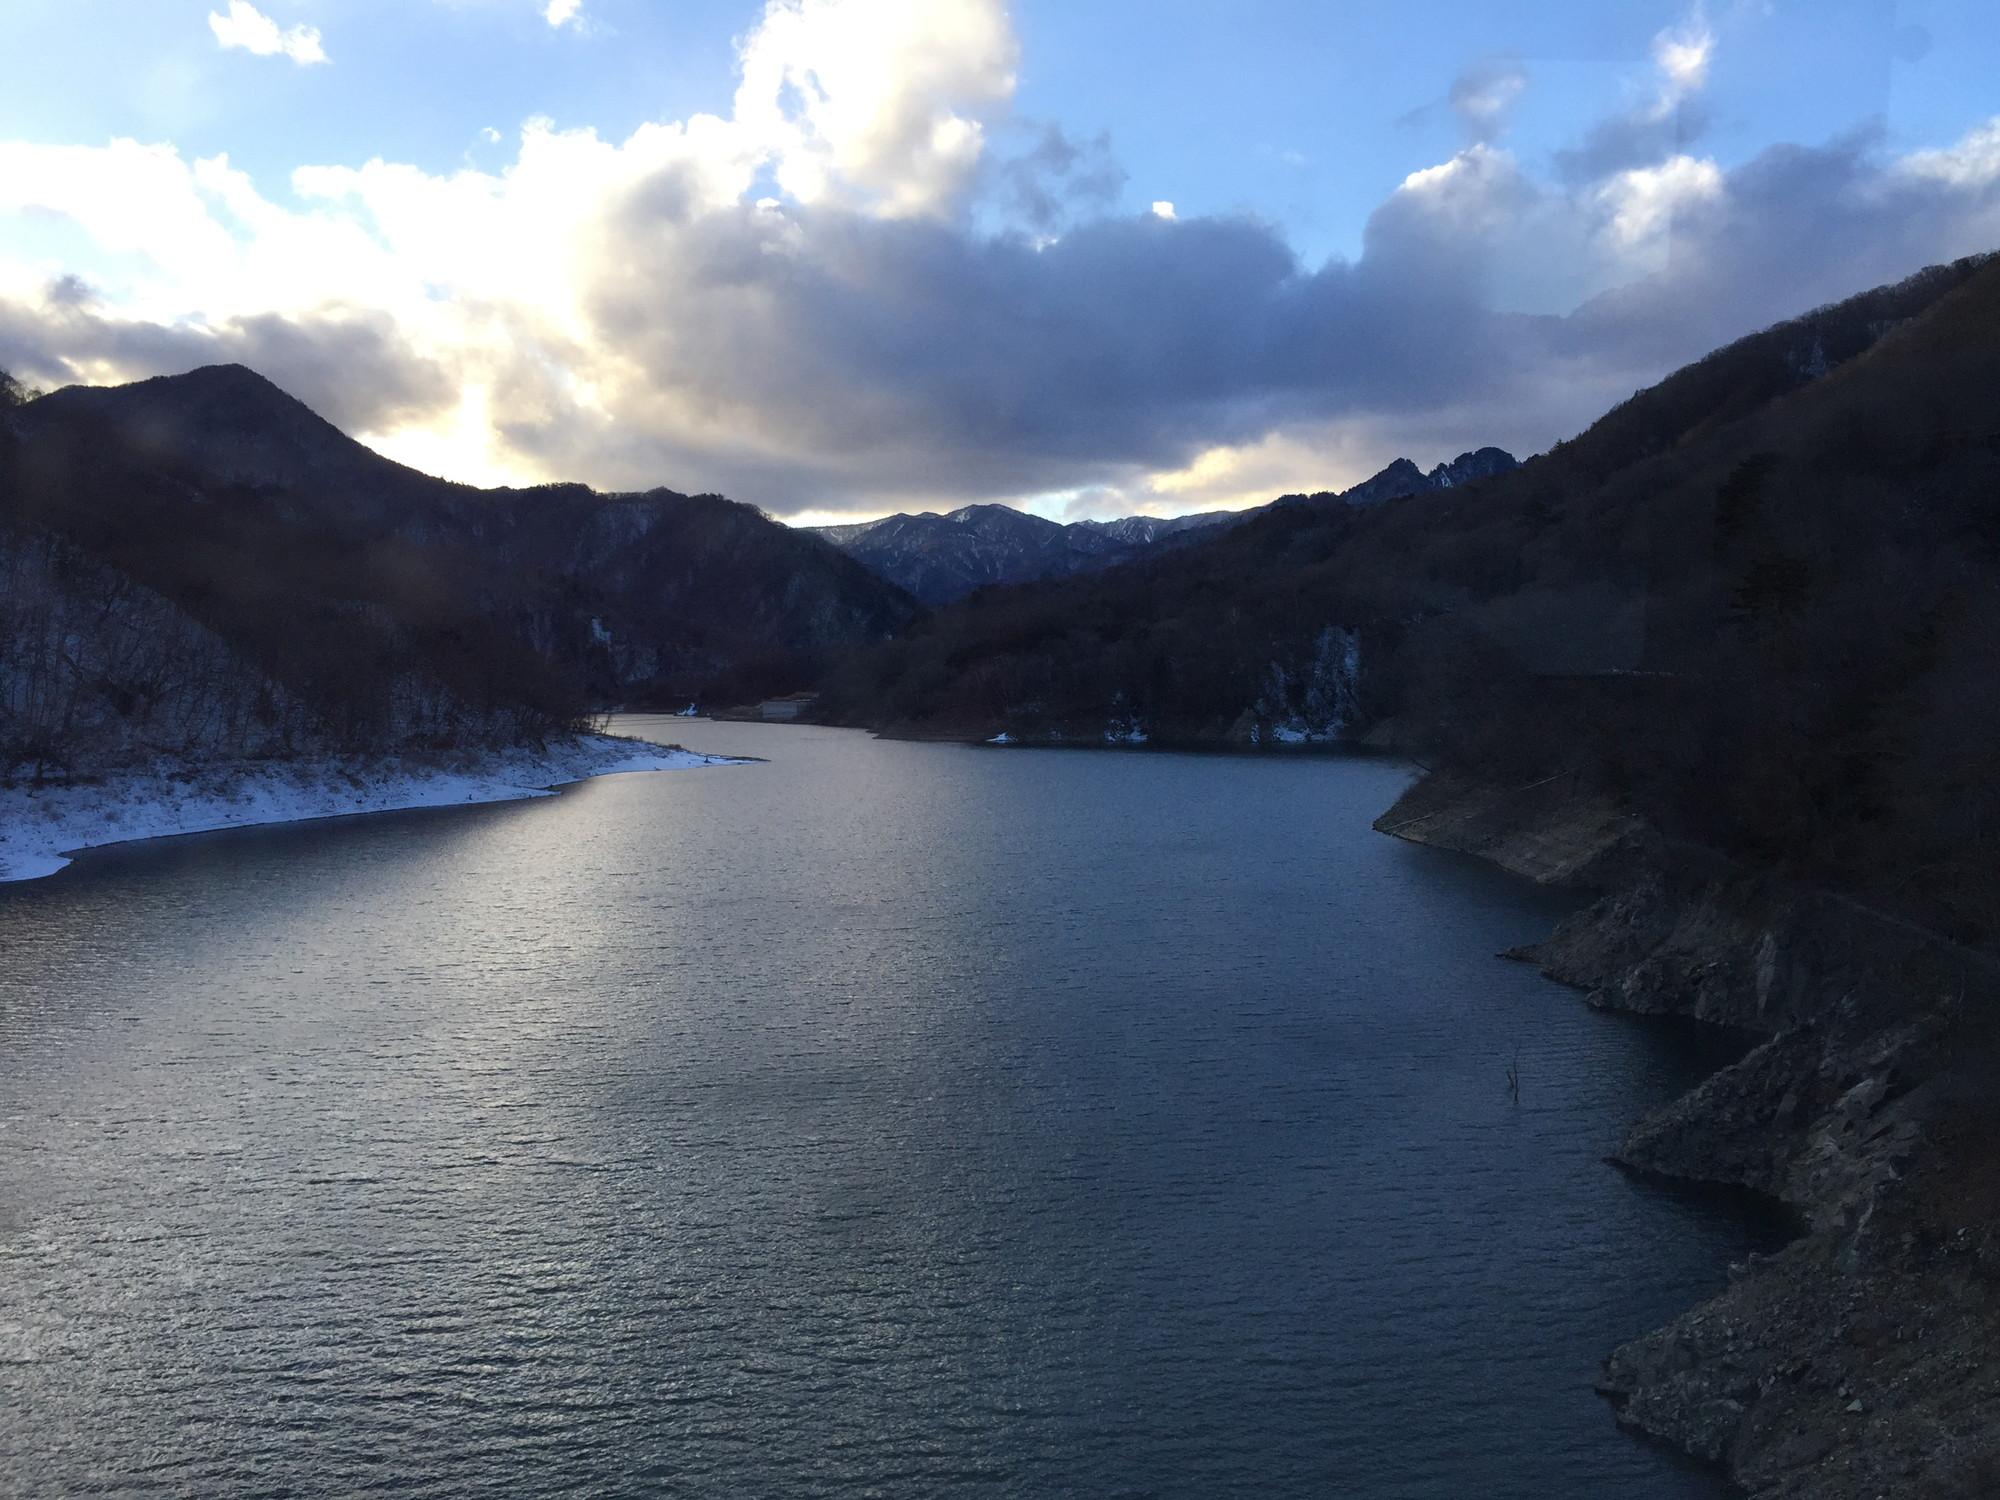 夕暮れ時の川俣湖